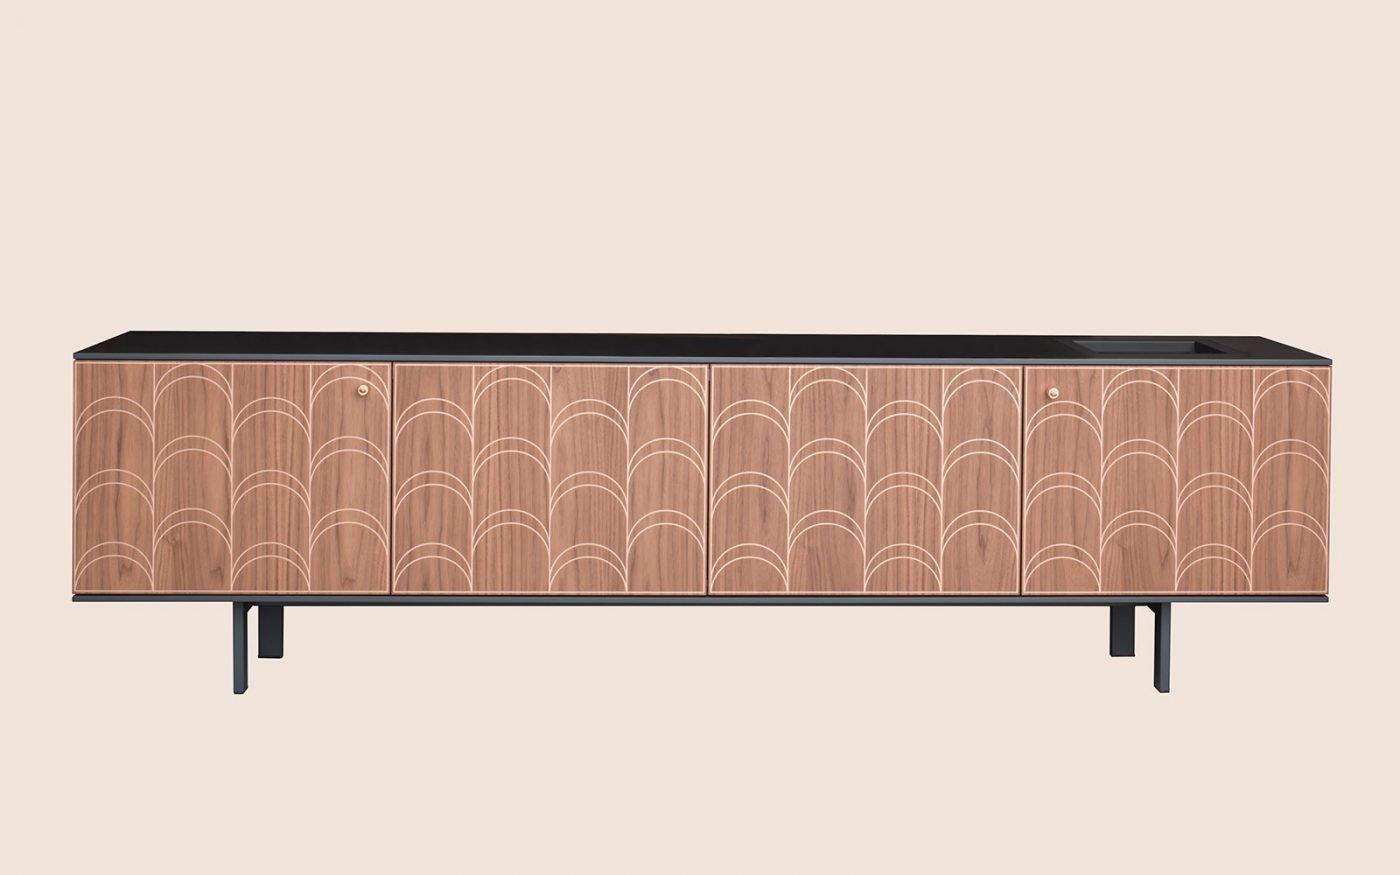 Celia modern sideboard by miniforms